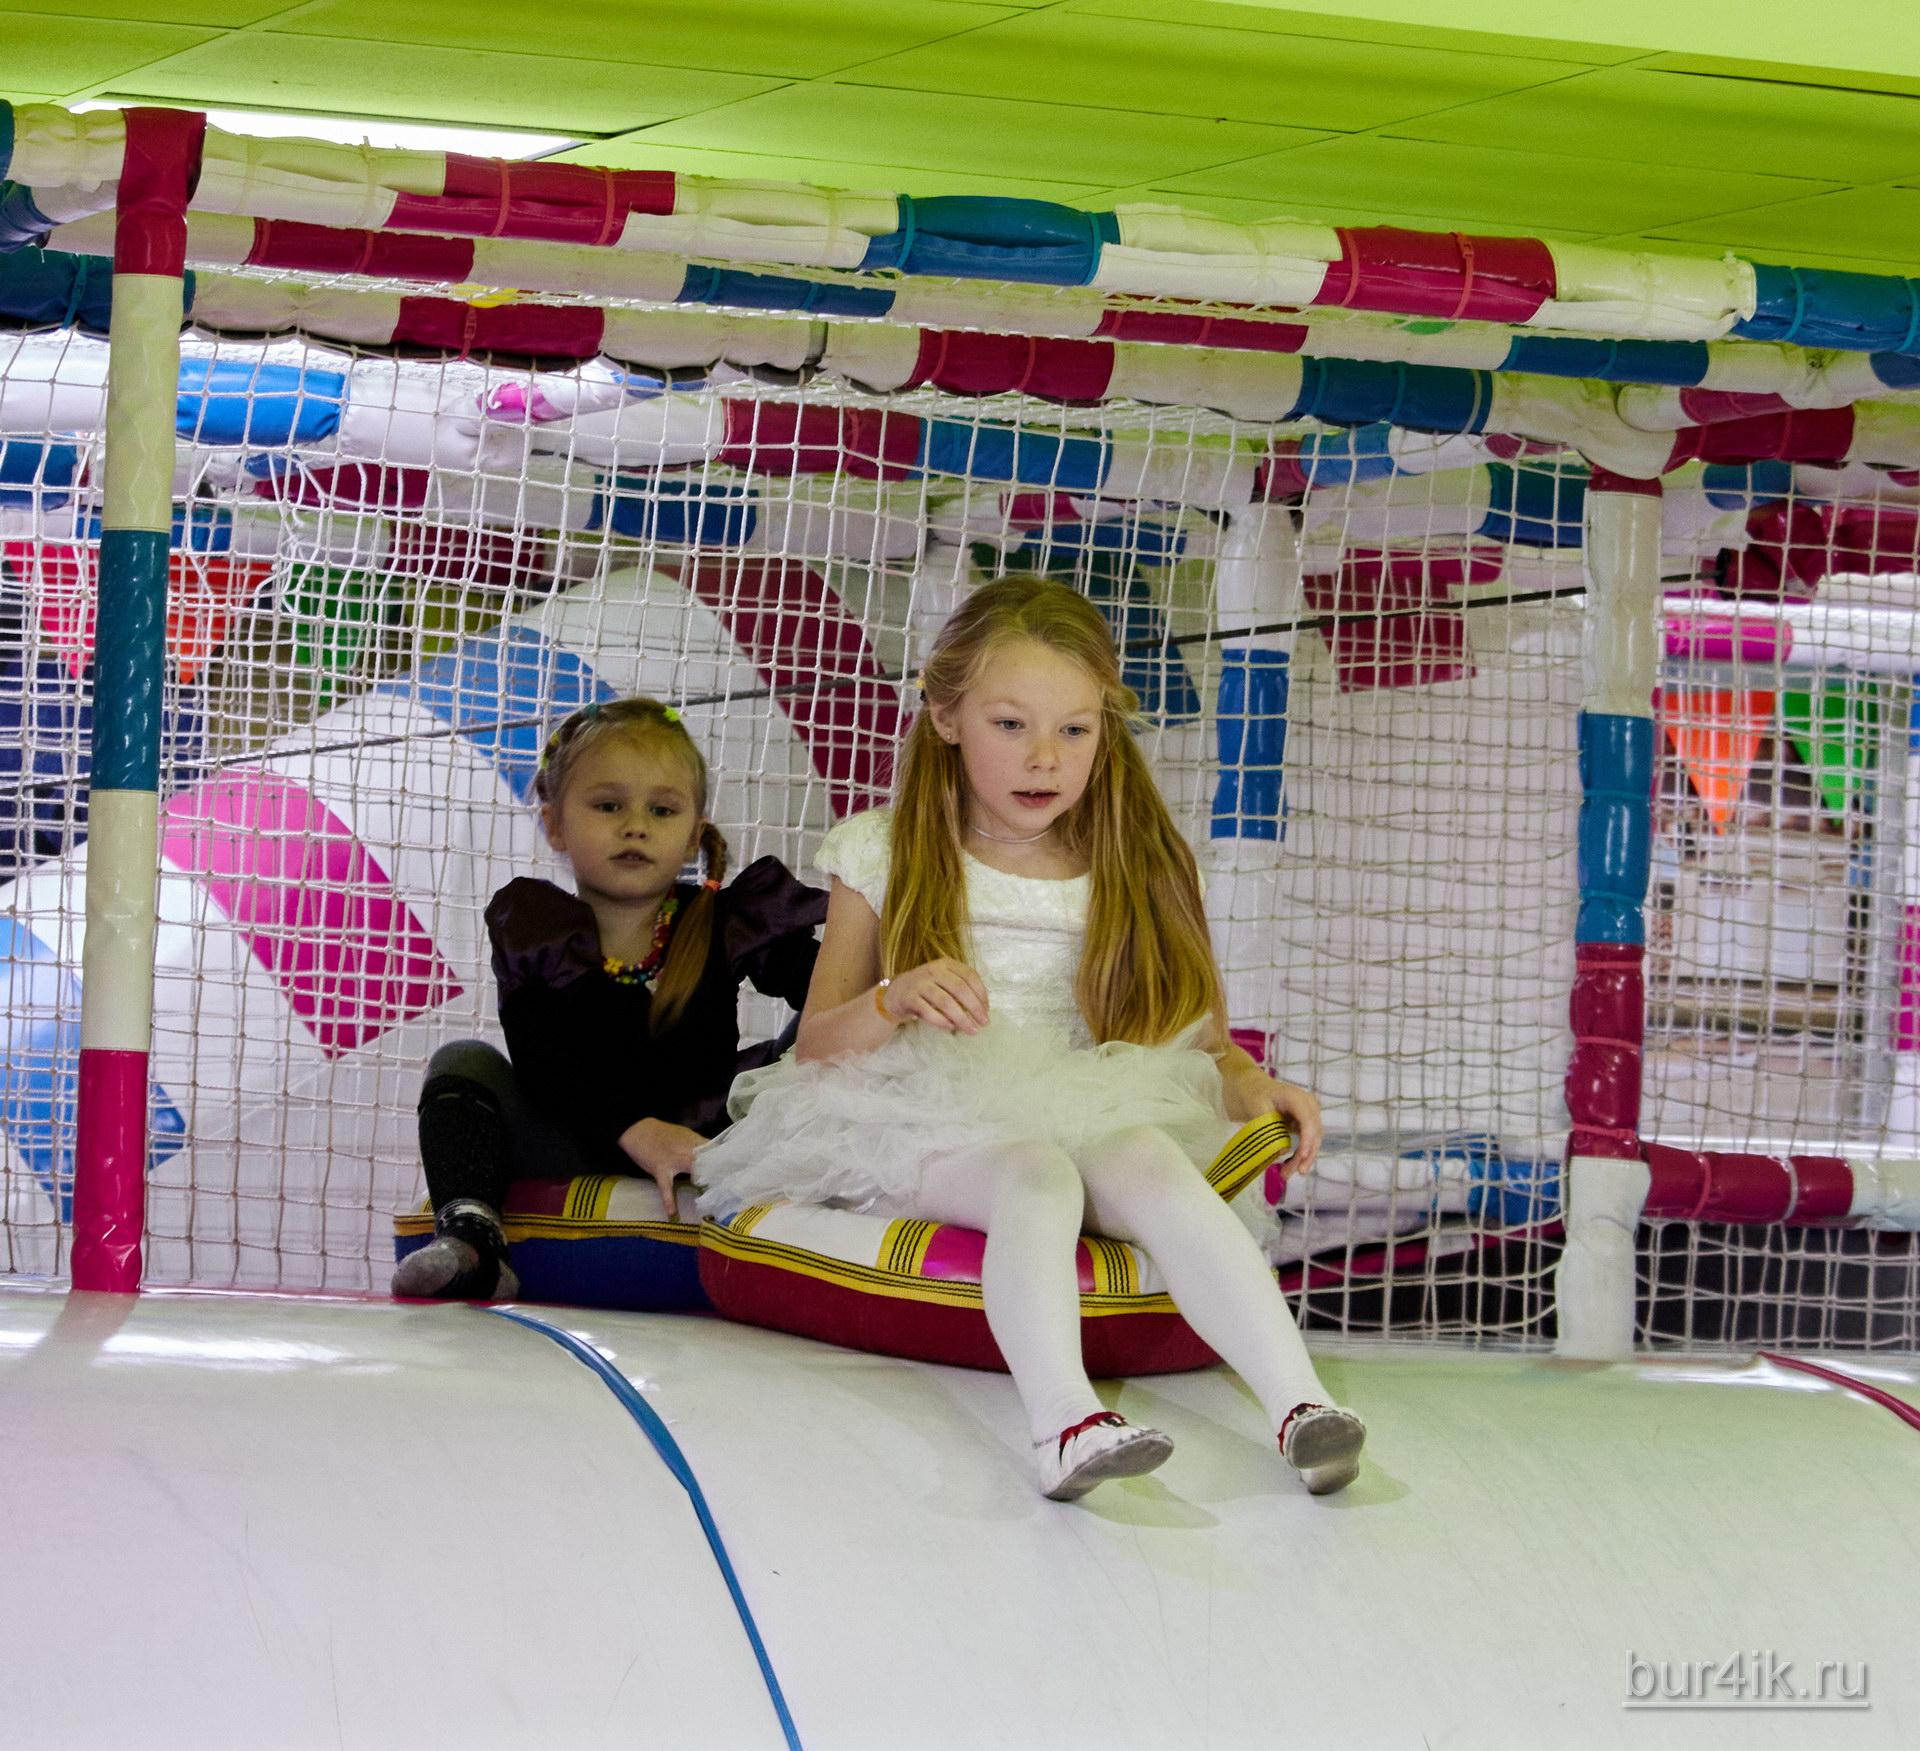 Фото Детское День Рождения в Детский Дворик 15.01.2020 №275 -photo- bur4ik.ru